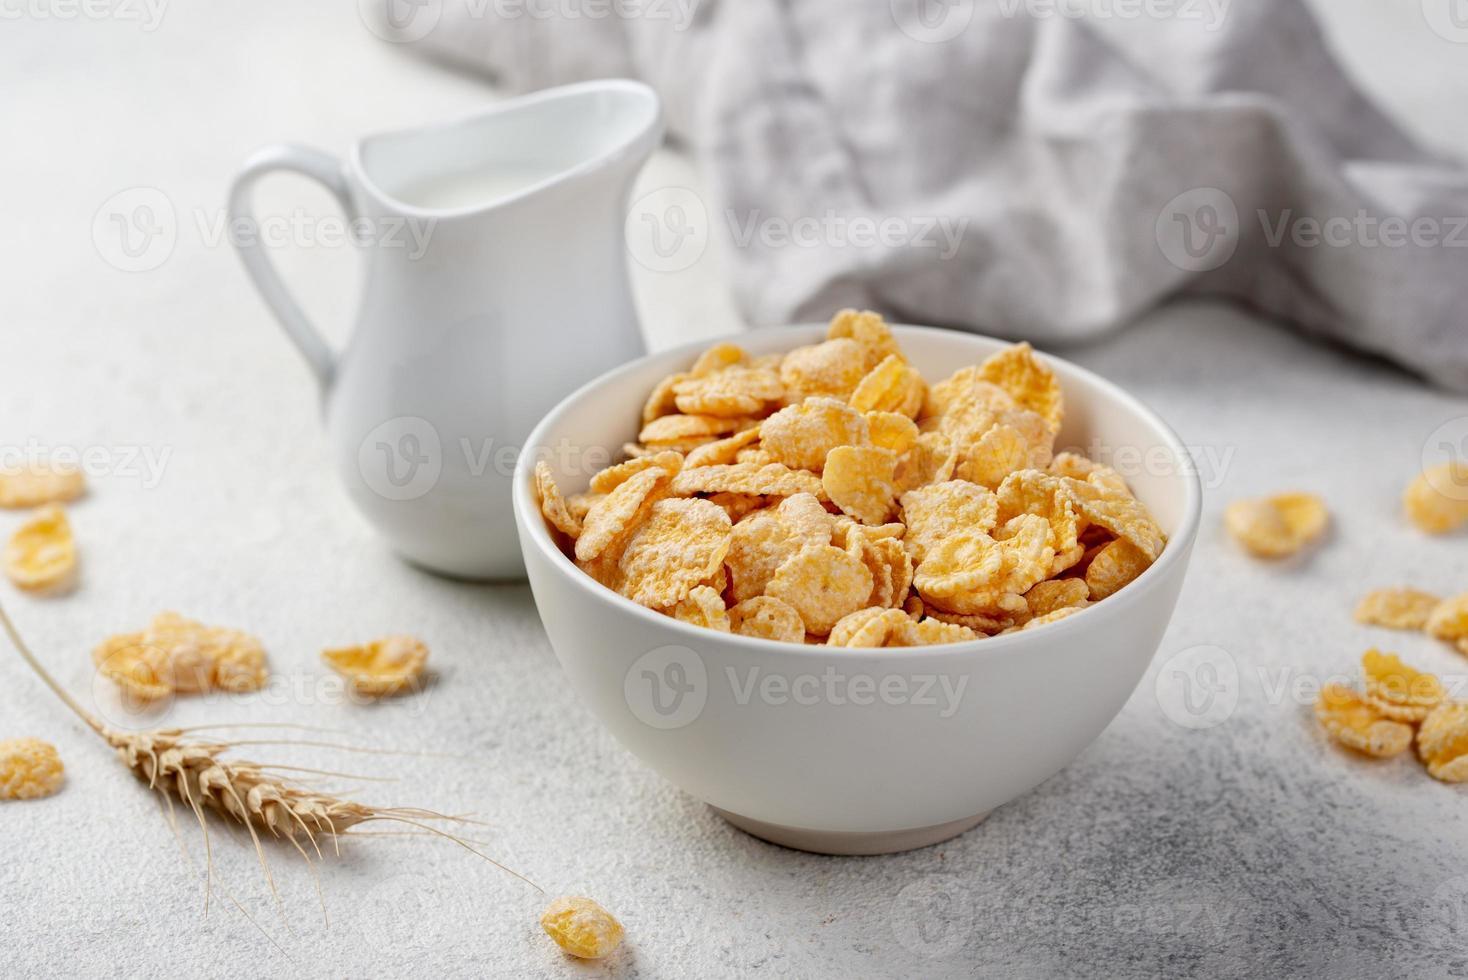 hög vinkel frukost av majs spannmål i skål med mjölk foto